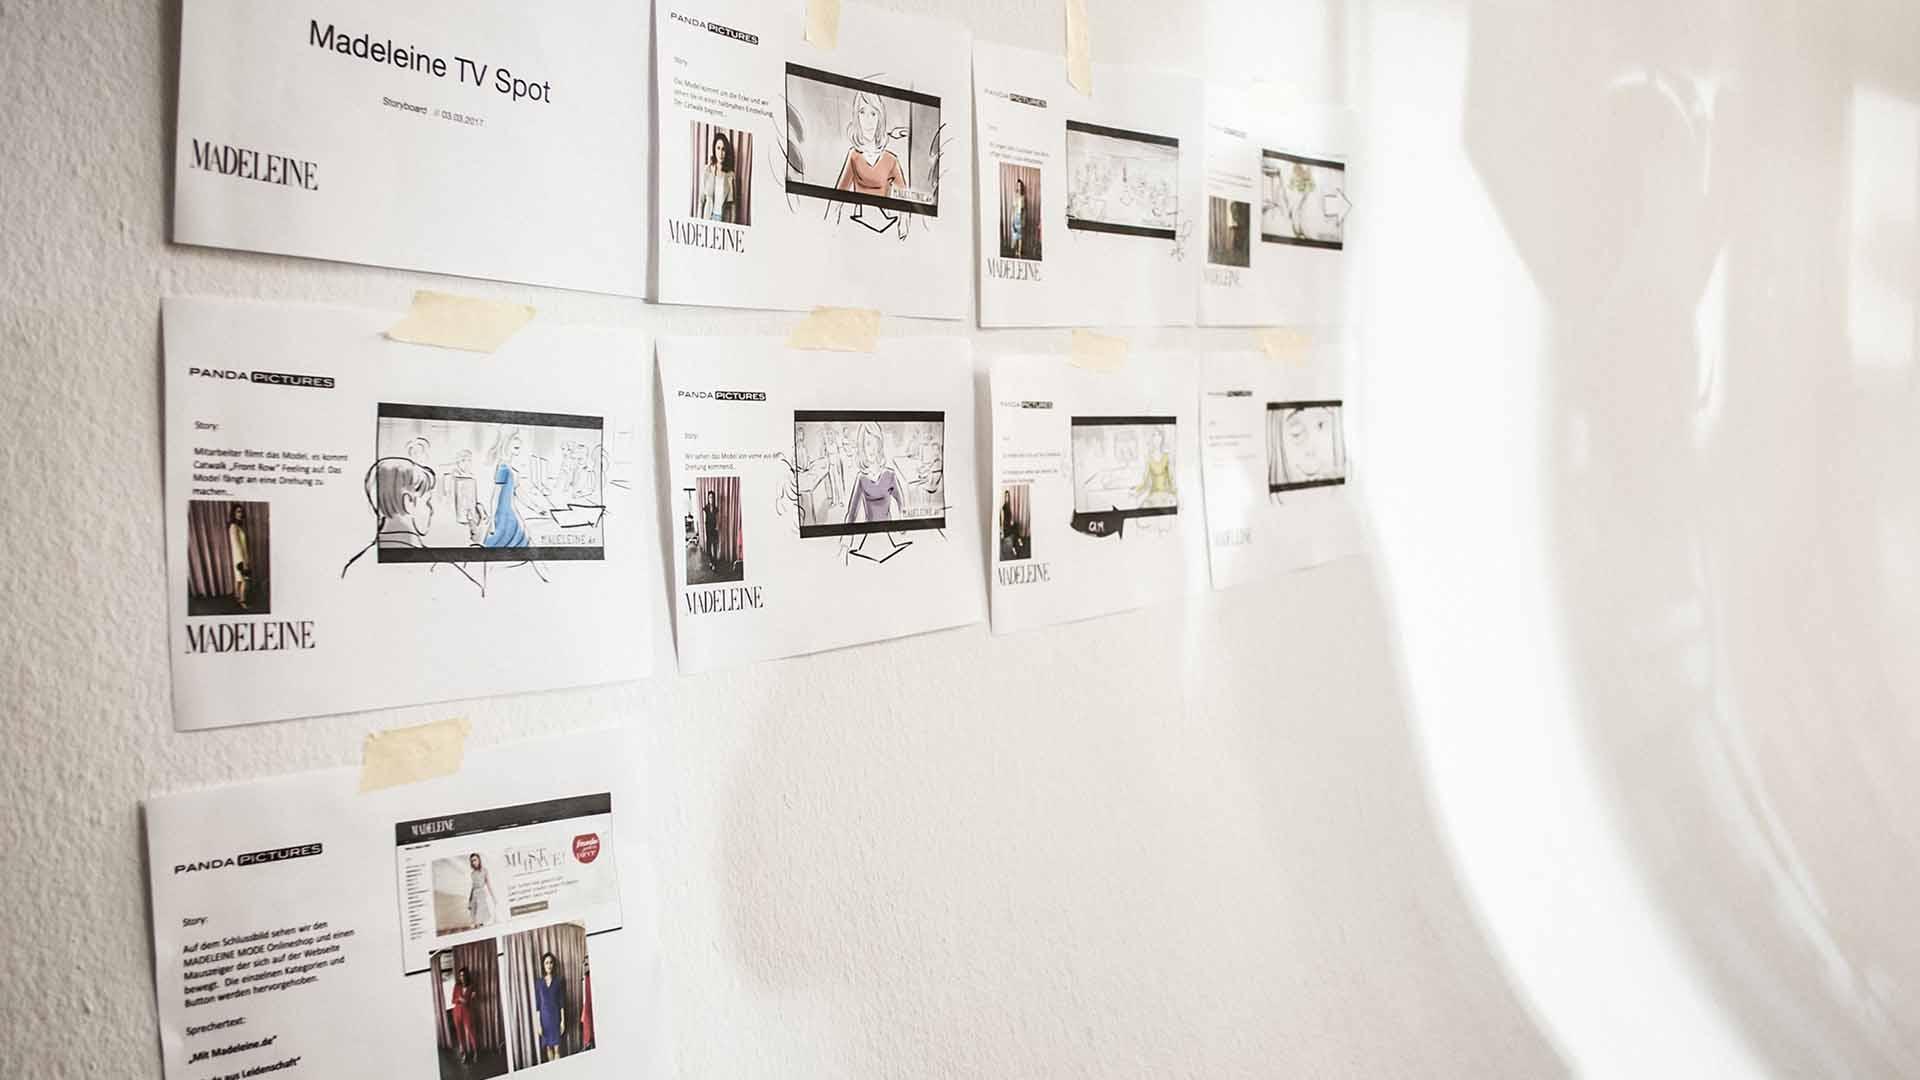 Das Bild zeigt eine Wand. An dieser Wand hängen Zettel. Diese Zettel zeigen verschiedene Szenen. Diese Szenen stammen von einem Werbespot. Sie sind gezeichnet. Das Bild dient als Sliderbild für den Portfolioeintrag MADELEINE Mode – DRTV Spot von Panda Pictures.